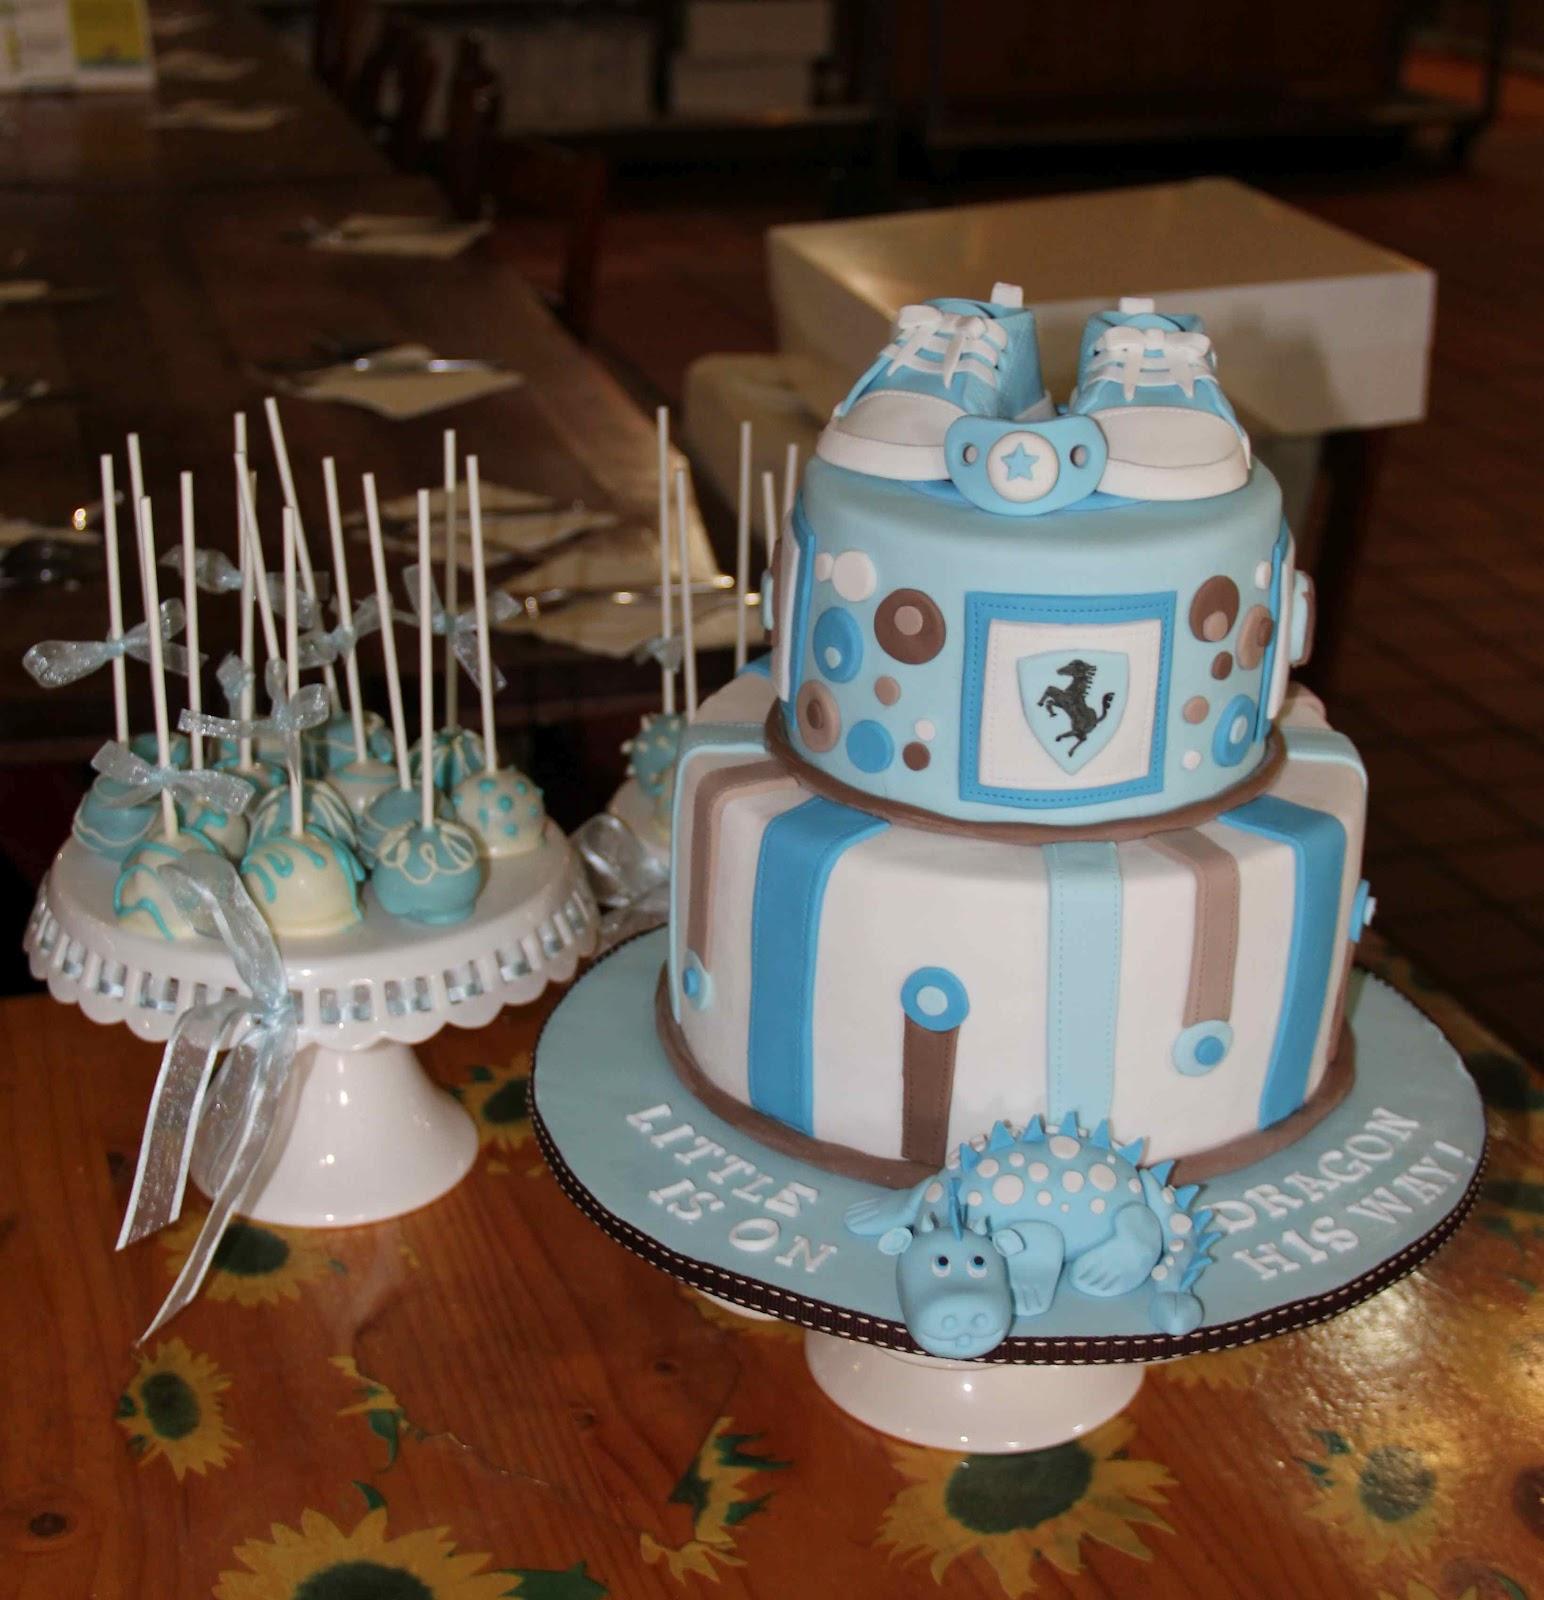 bakerz dad sporty dragon baby shower cake